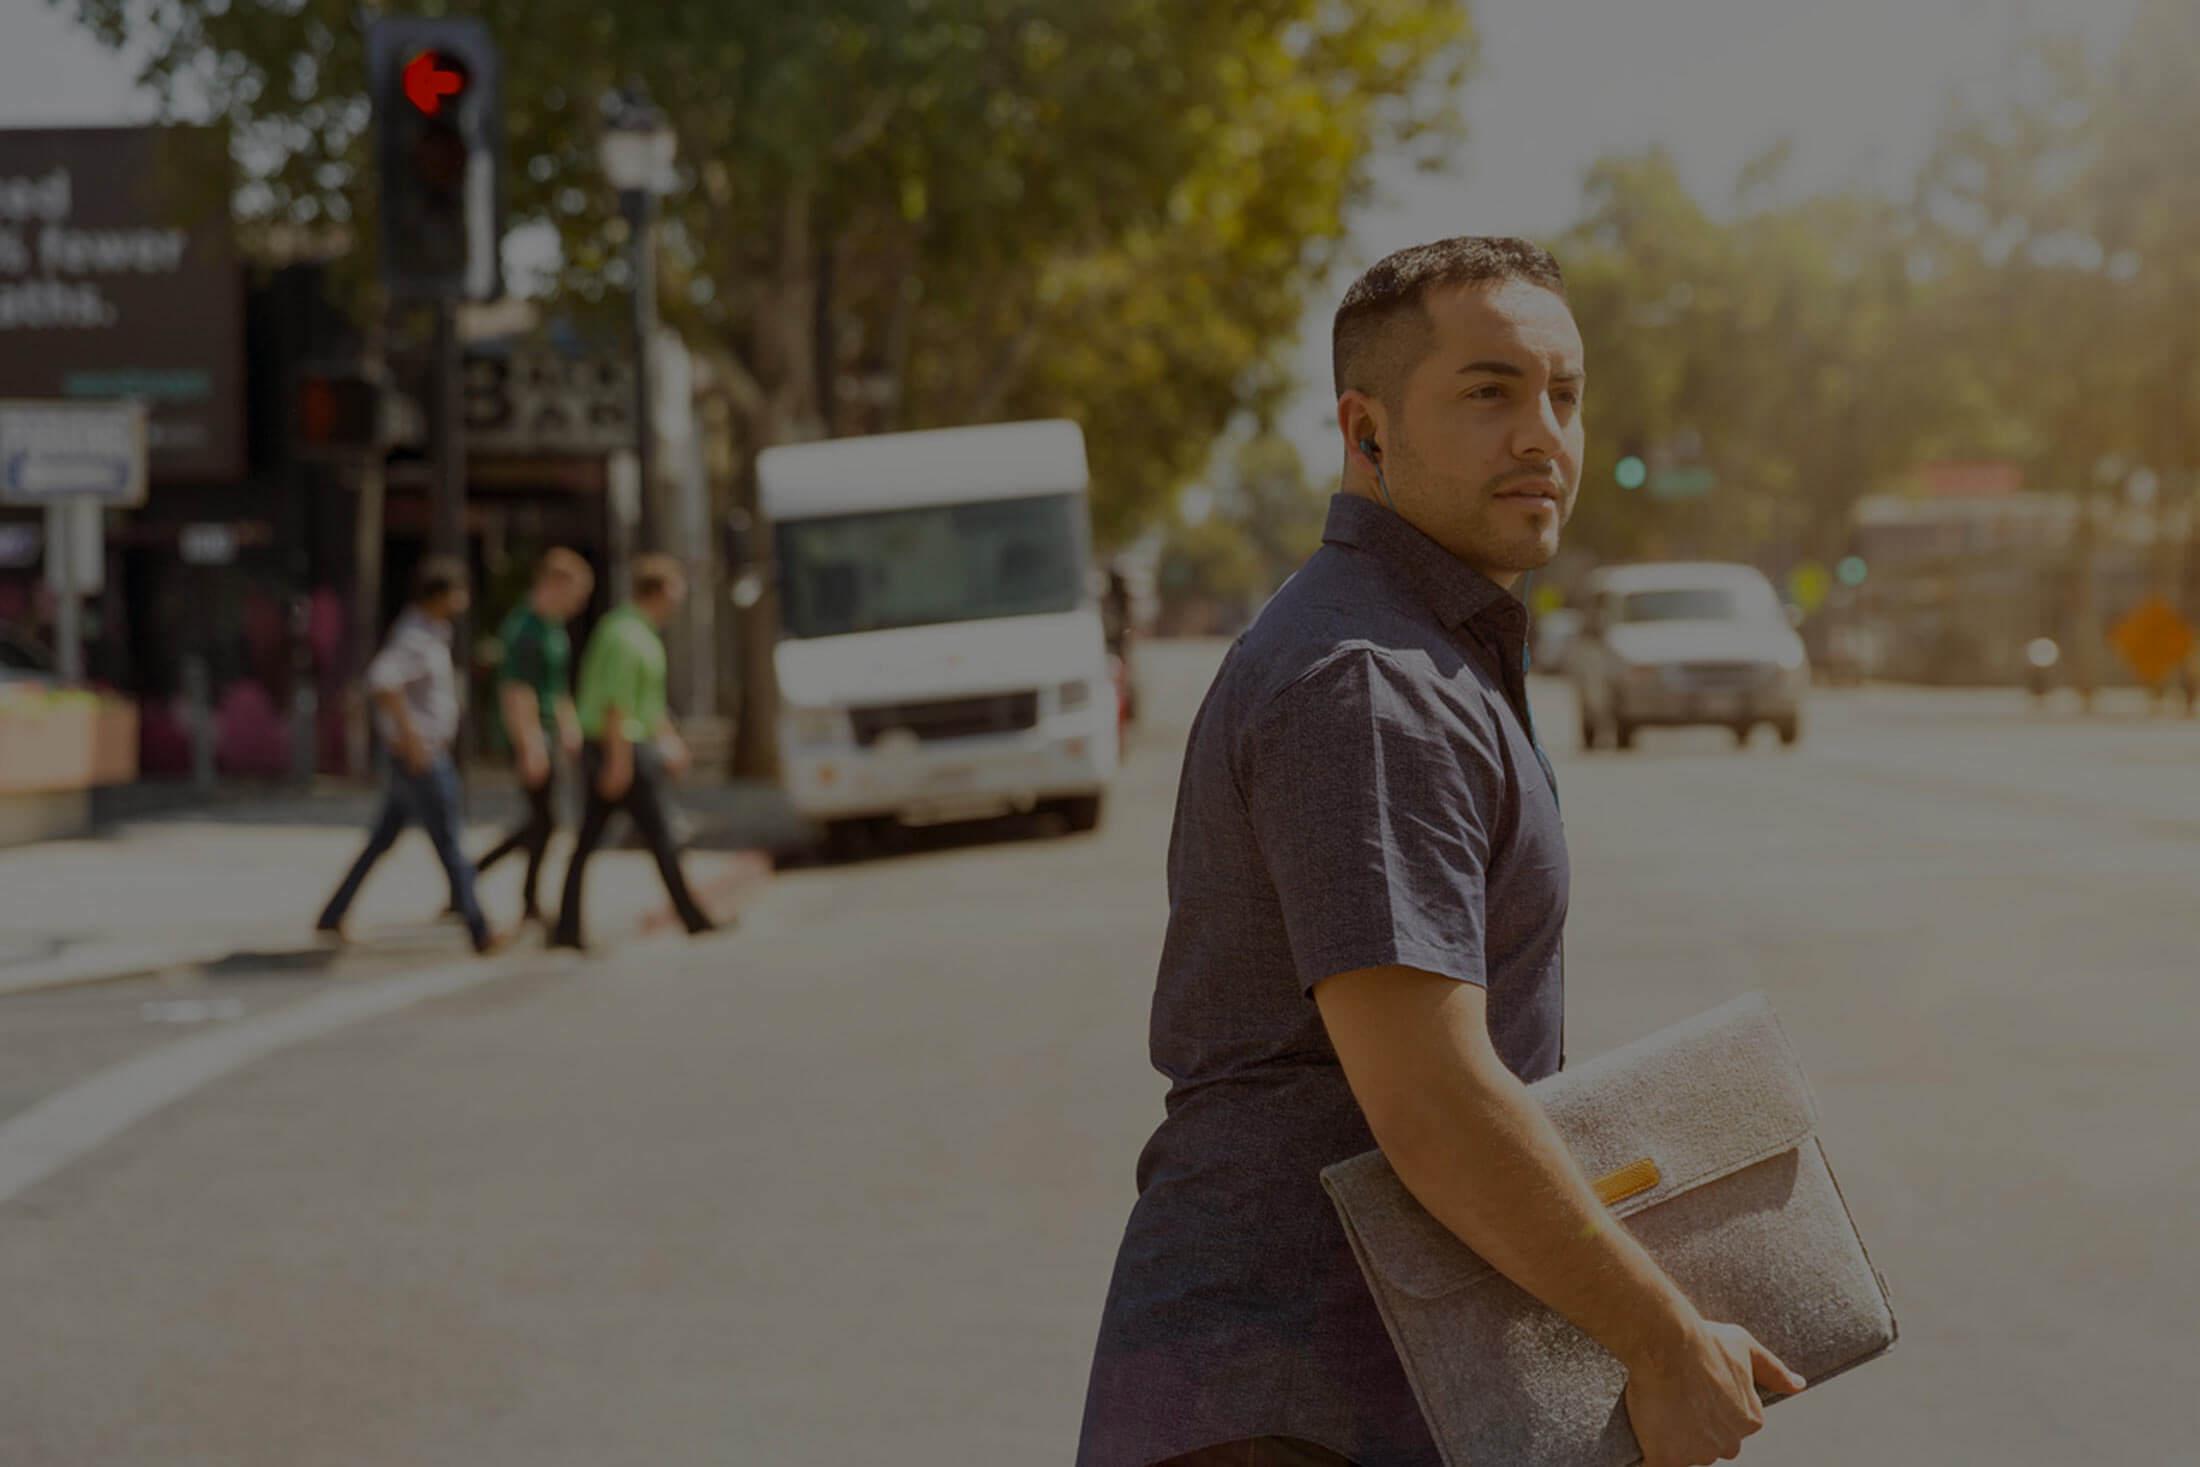 Pole emploi - offre emploi Assistante de direction (H/F) - Paris